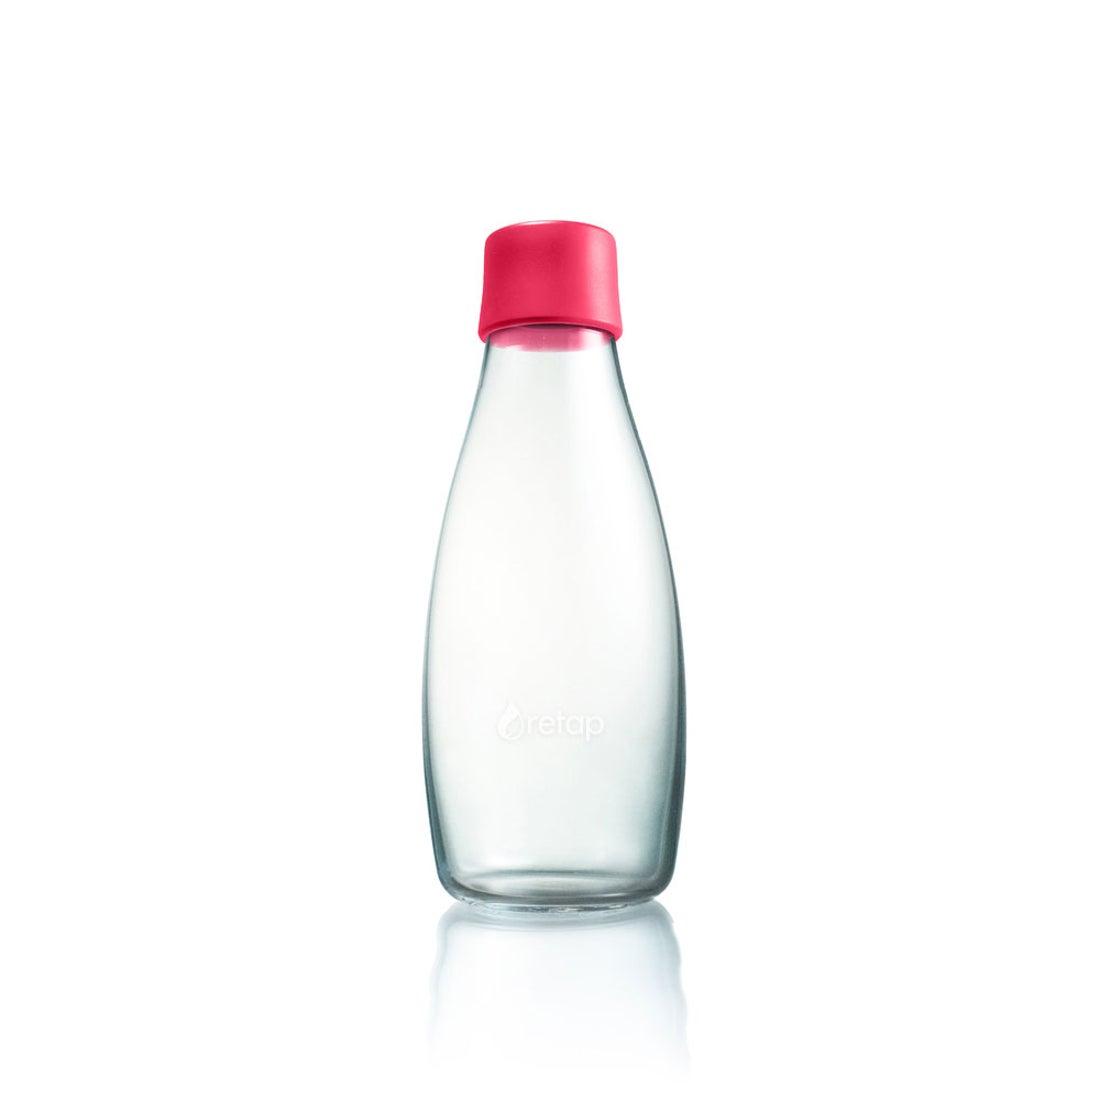 ノーブランド No Brand retapbottle05 リタップボトル 500ml (ラズベリー)